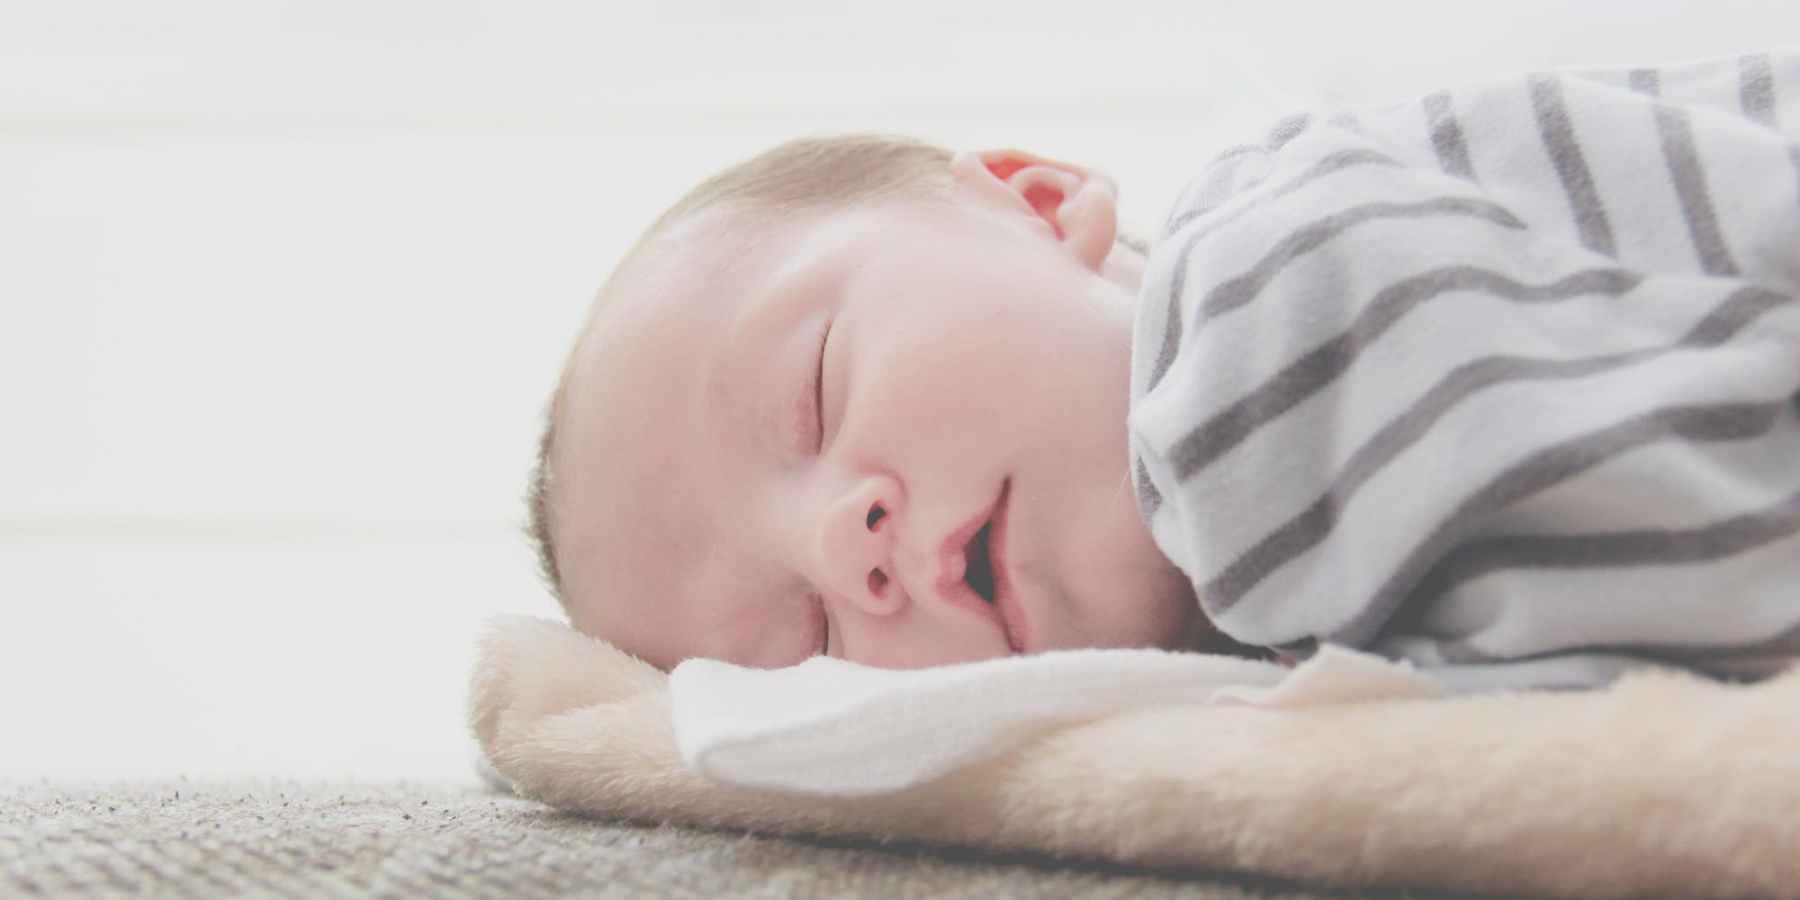 Babyhaut im Winter vor Kälte und Sonne schützen